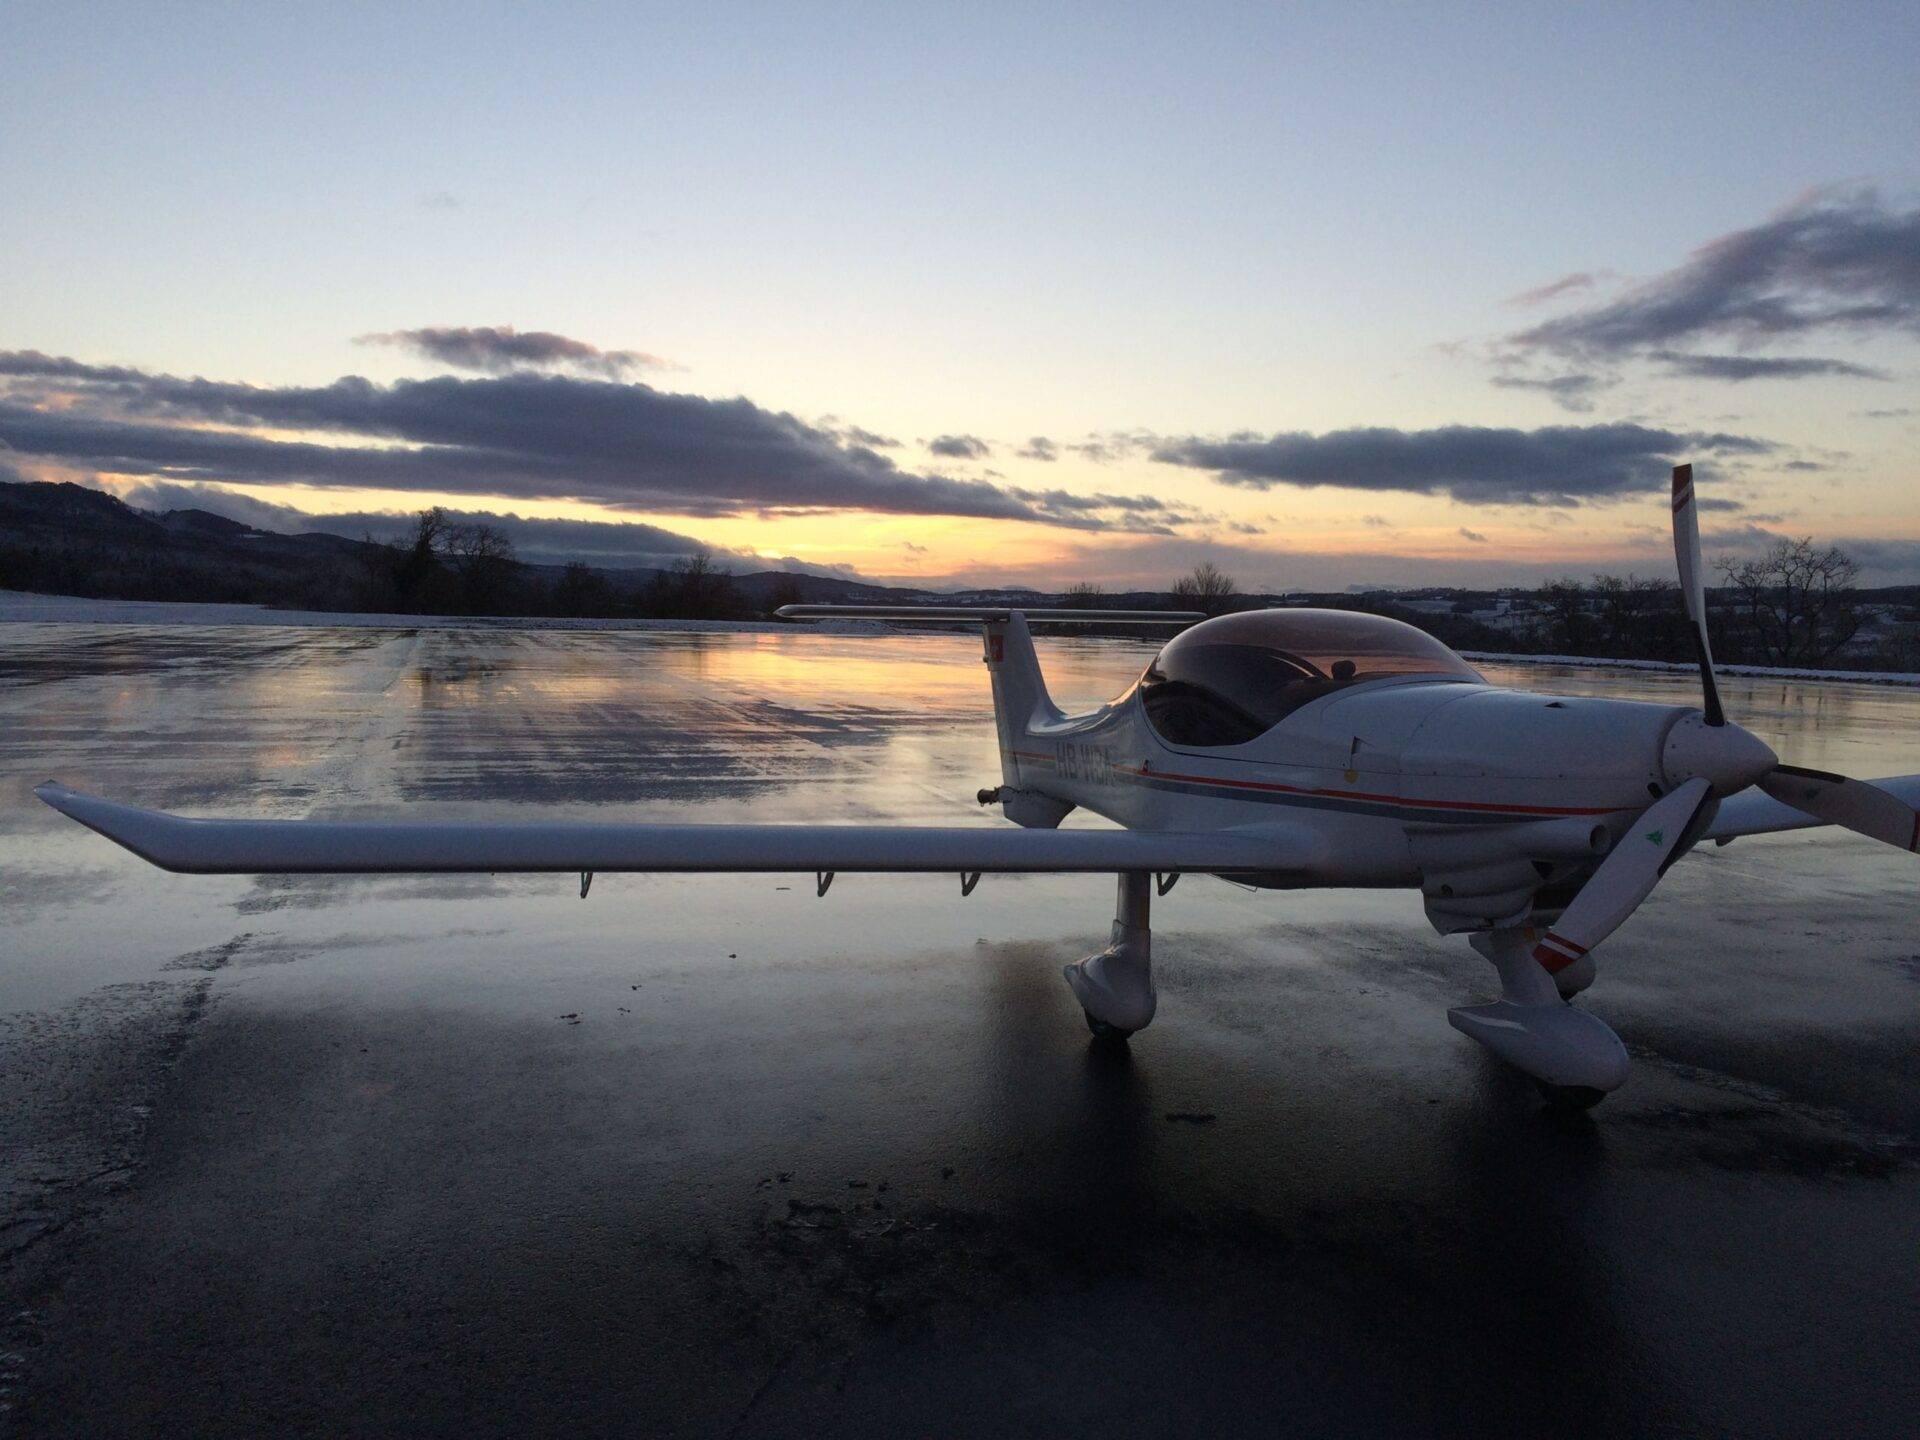 Modele MCR R100  MCR Evolution - SE Aviation Aircraft   La référence mondiale en MCR